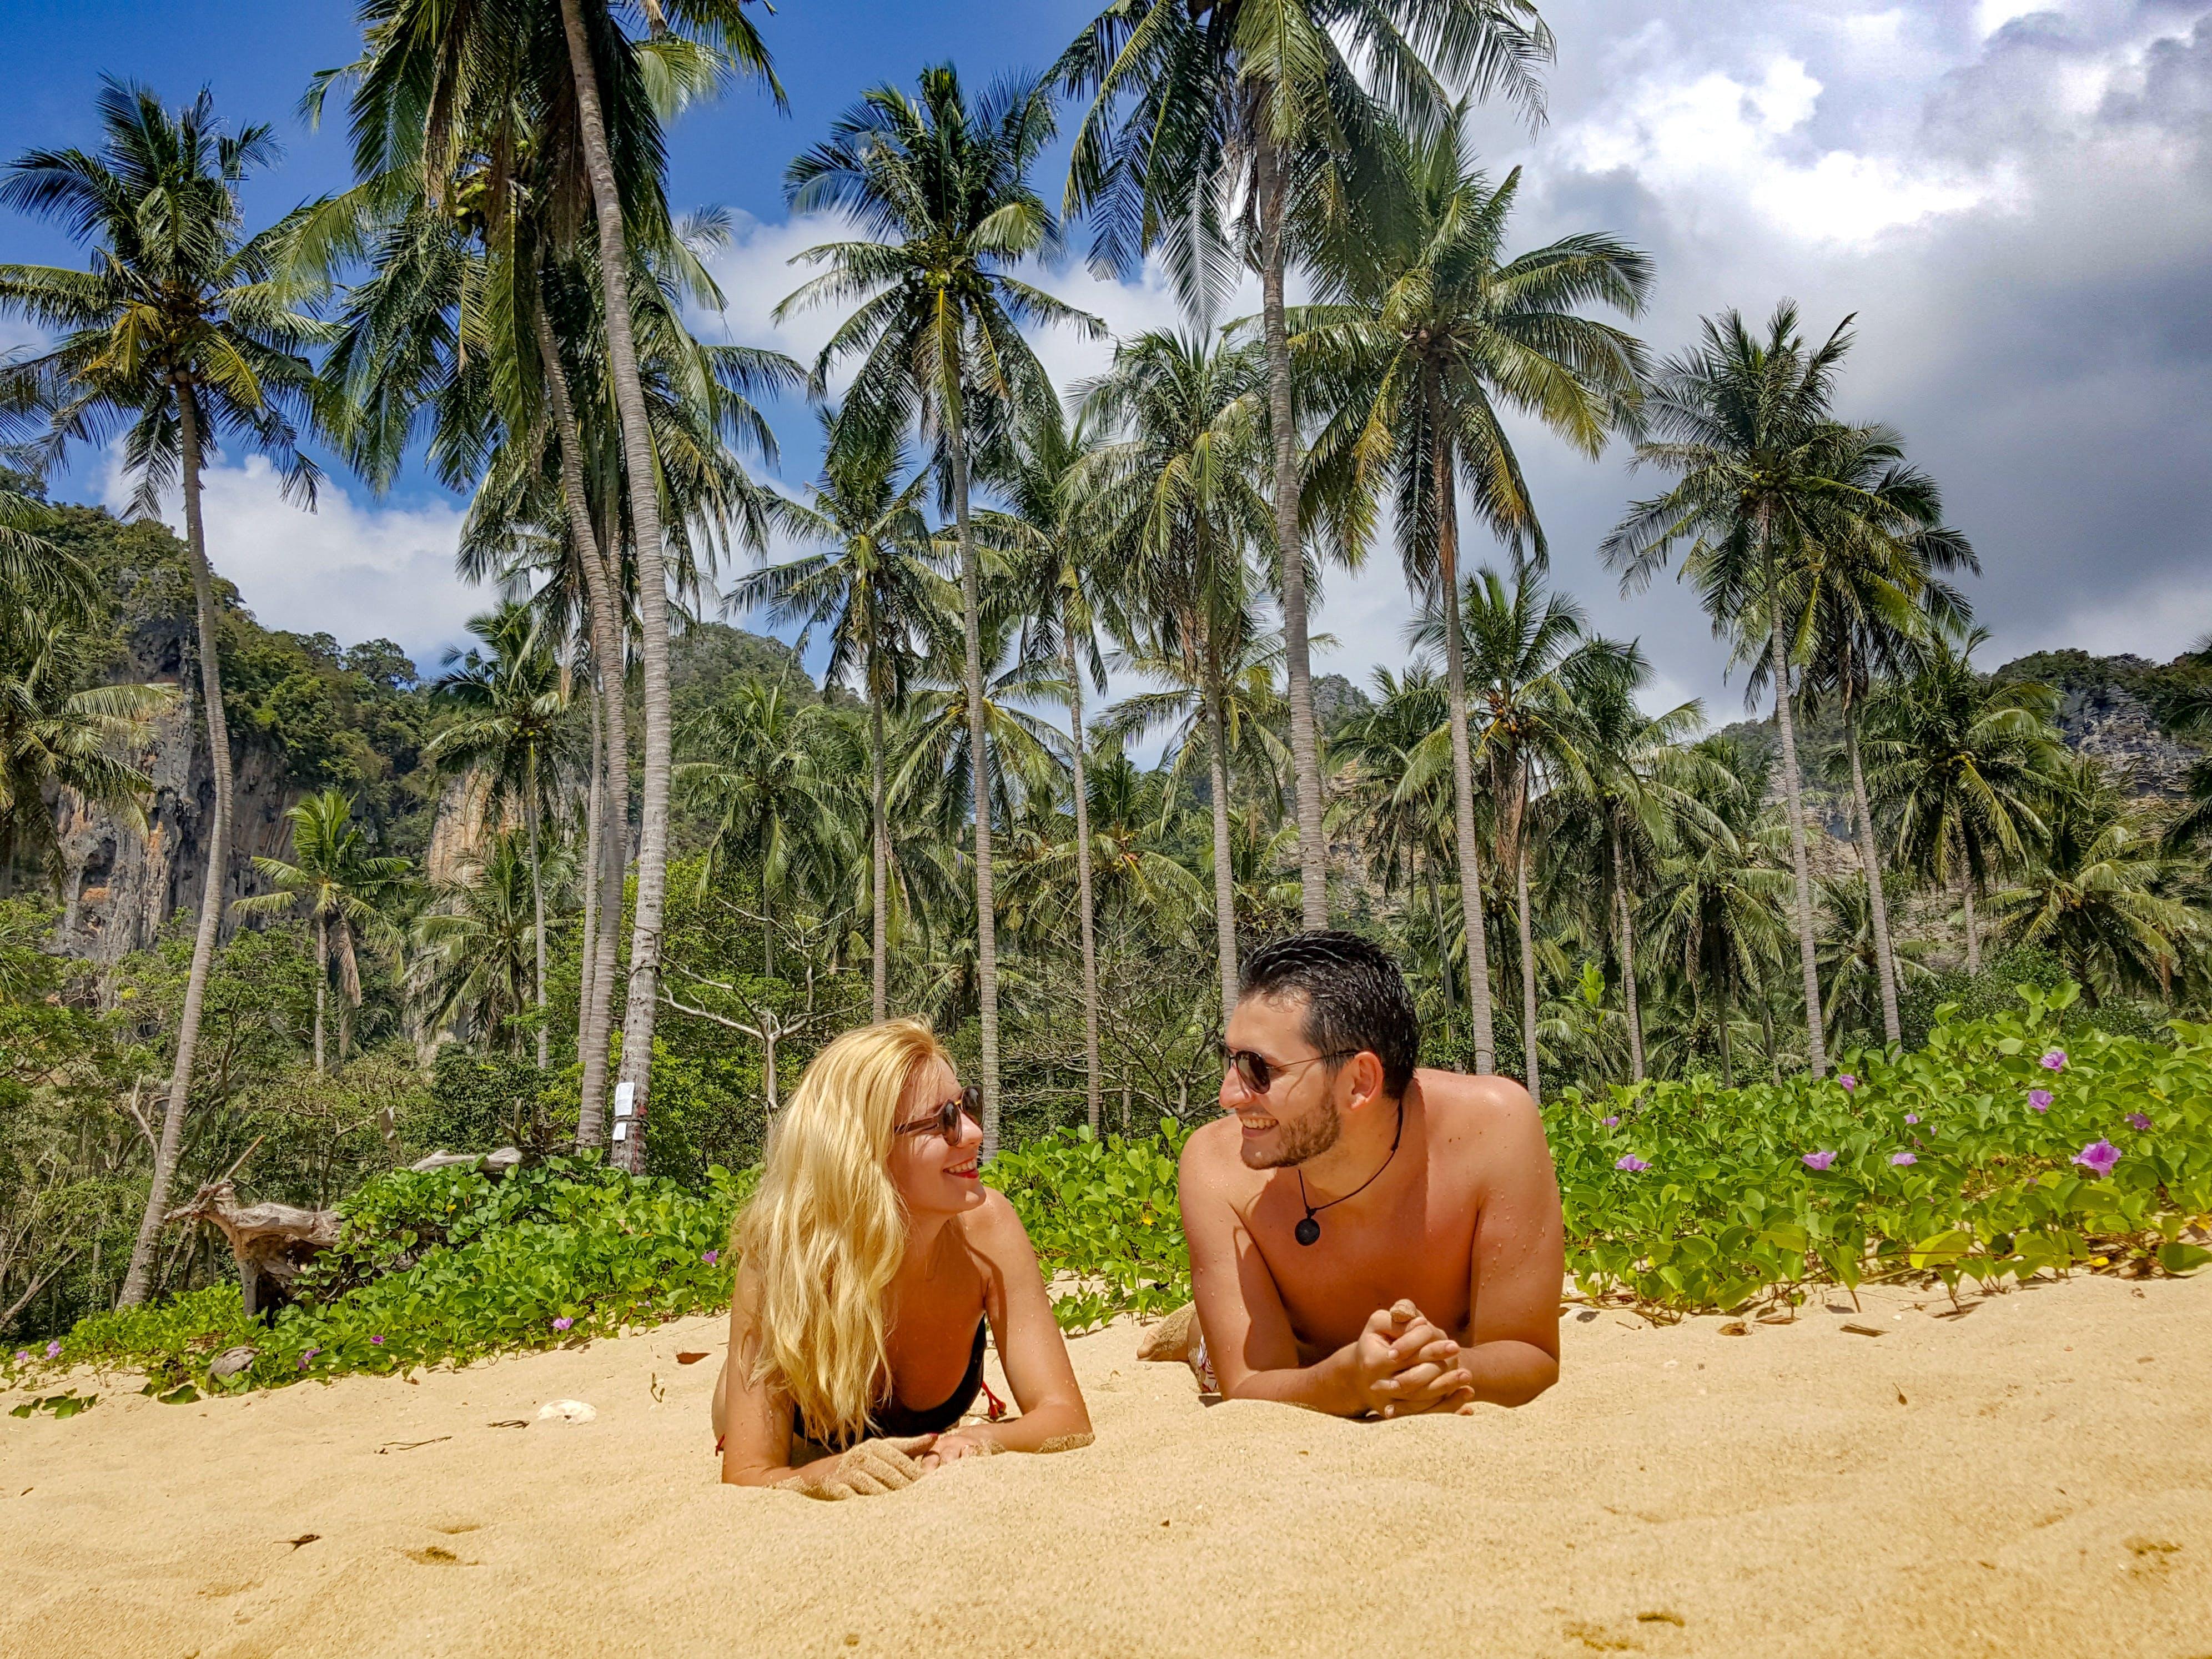 Δωρεάν στοκ φωτογραφιών με αγάπη, ακτή, άμμος, αναψυχή